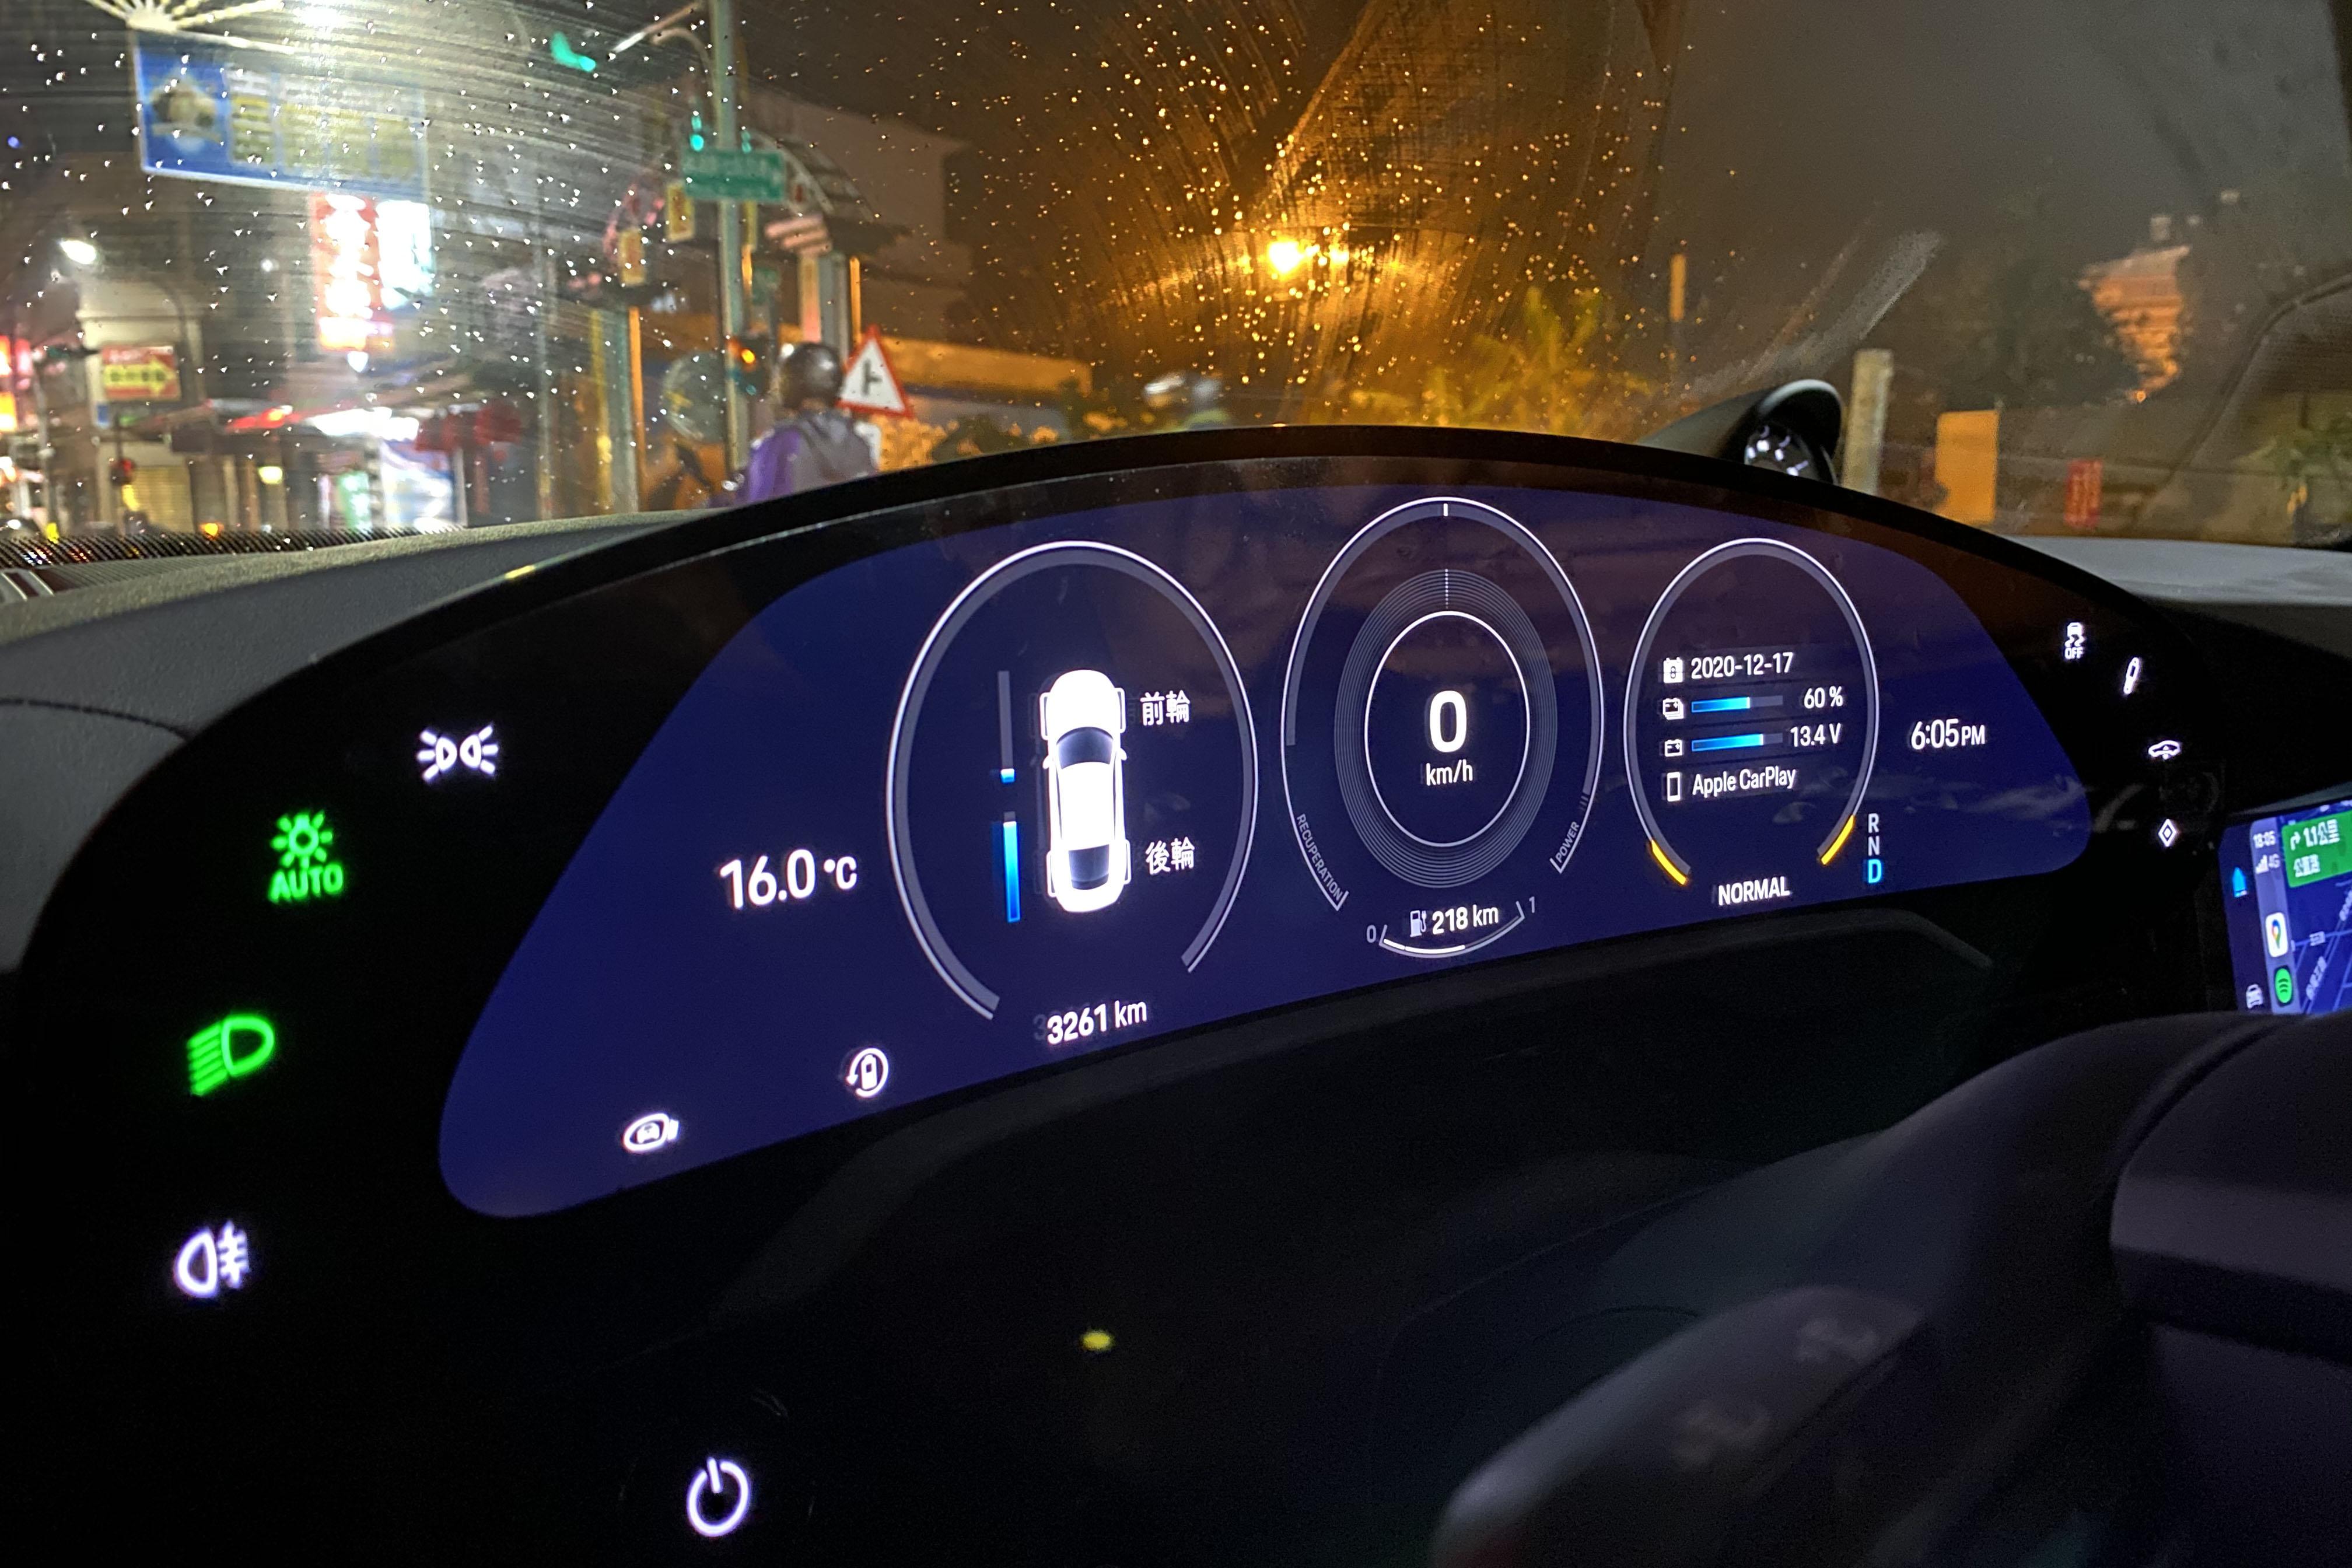 試駕當天取車時,93.4 kWh 的電池處於九成以上電量,抵達位在近 130 公里遠的飯店時還擁有 60% 電量。